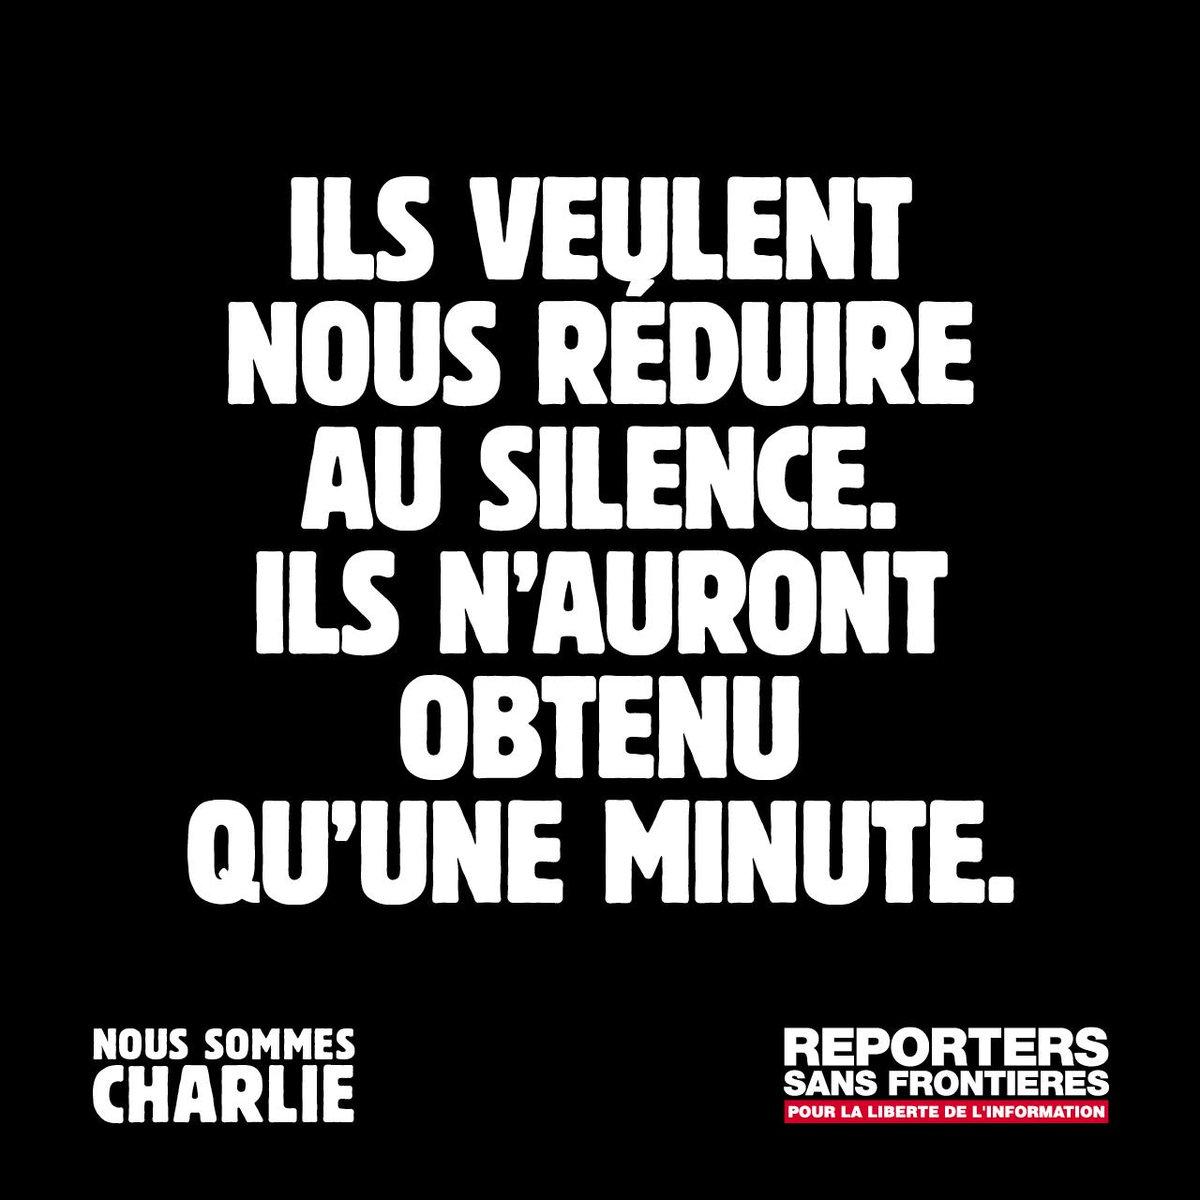 ILS VEULENT NOUS RÉDUIRE AU SILENCE. ILS N'AURONT OBTENU QU'UNE MINUTE. #NousSommesCharlie #RSF http://t.co/IfgzhuGCGM